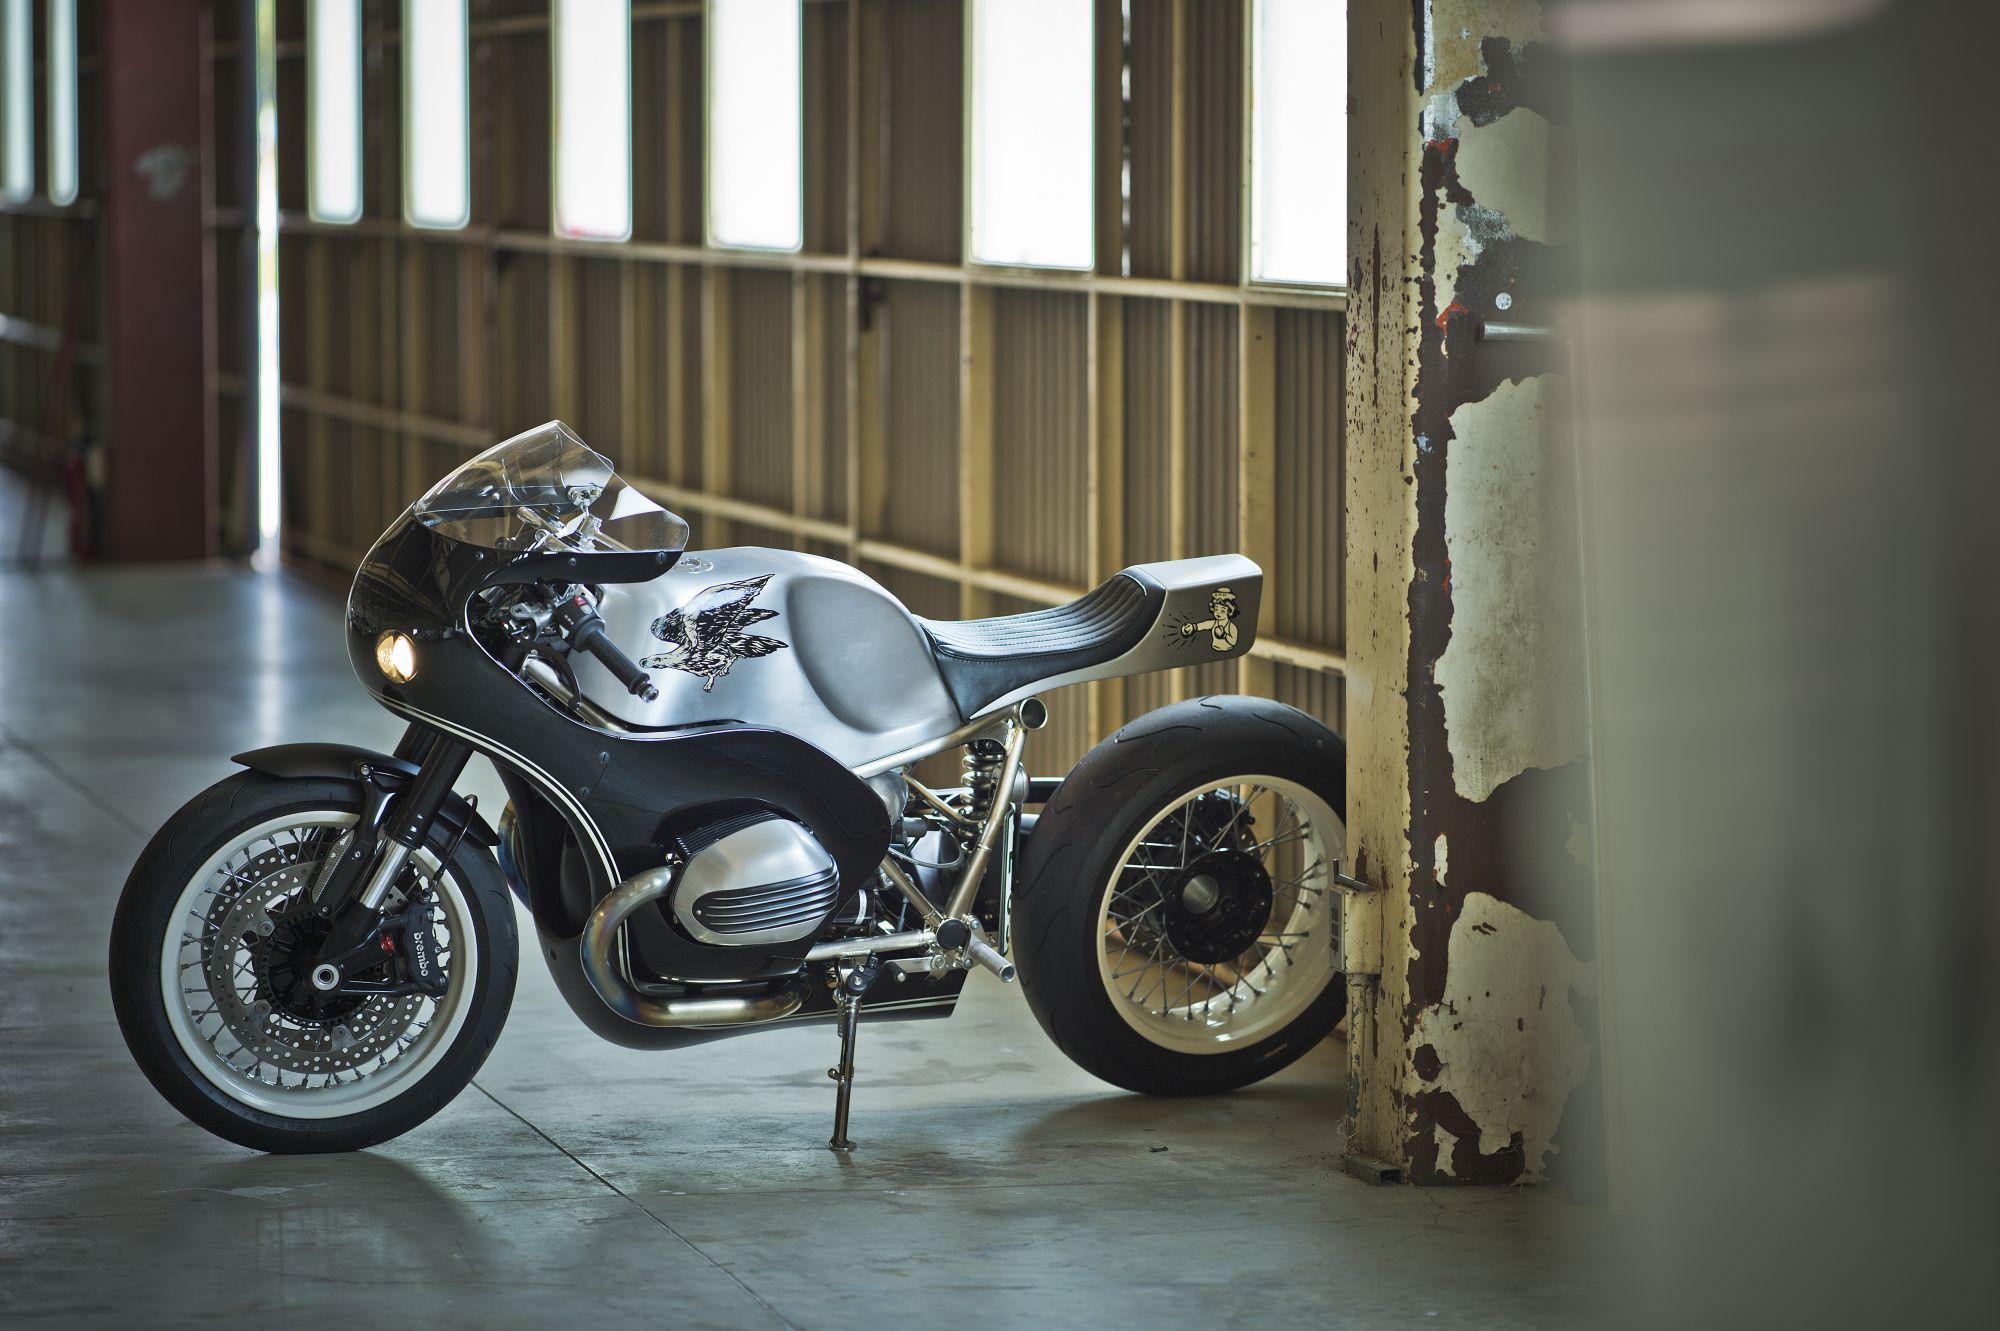 bmw r ninet umbauten japan motorrad fotos motorrad bilder. Black Bedroom Furniture Sets. Home Design Ideas